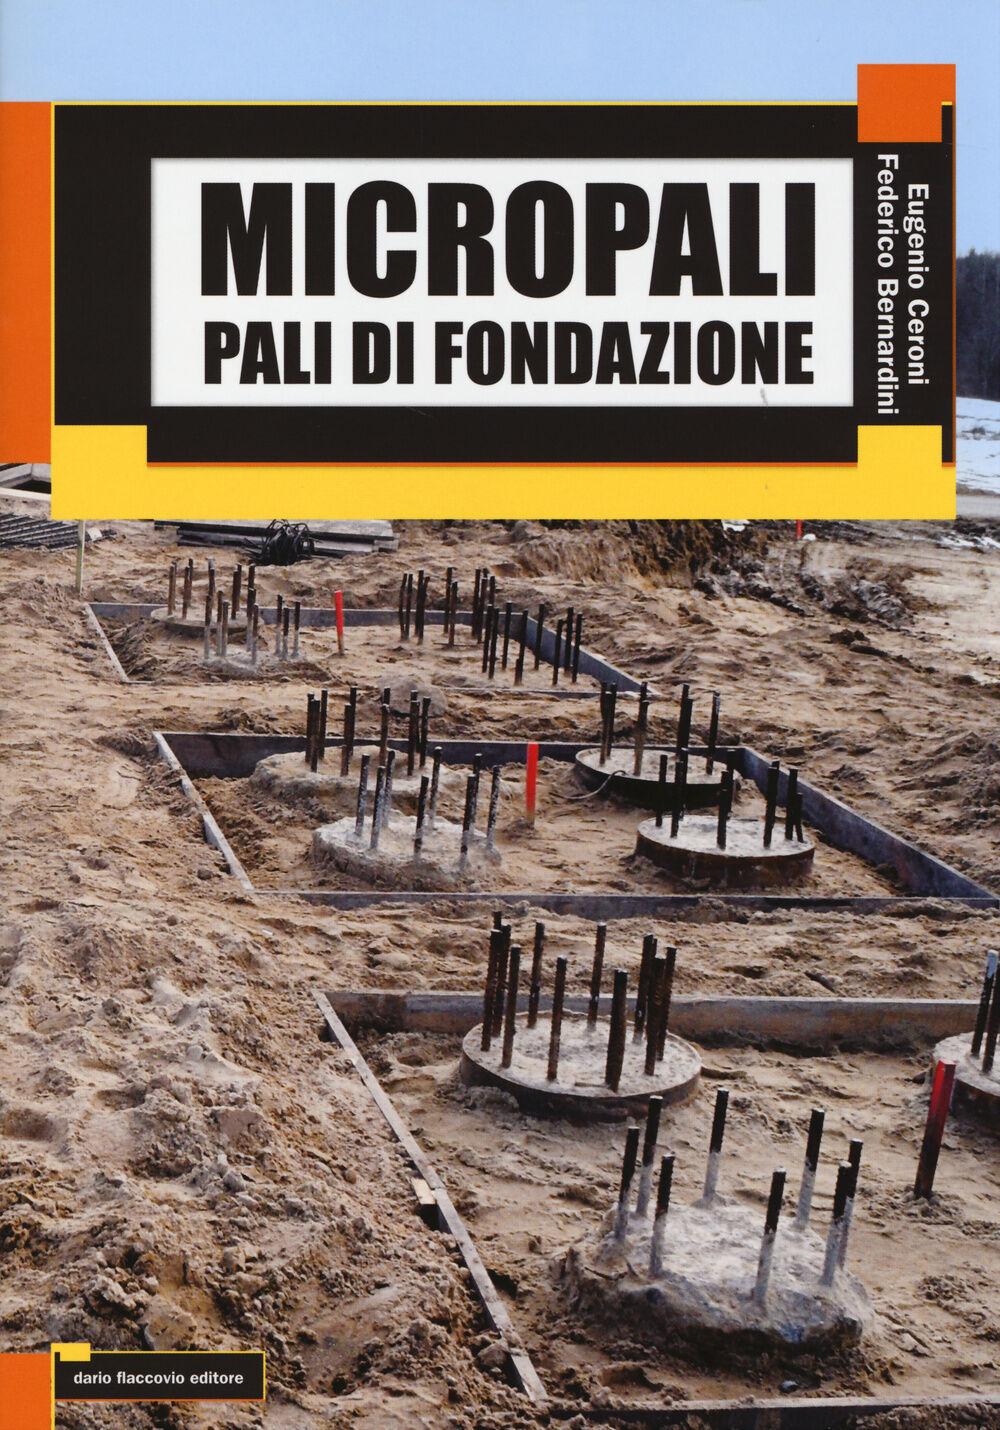 Micropali. Pali di fondazione